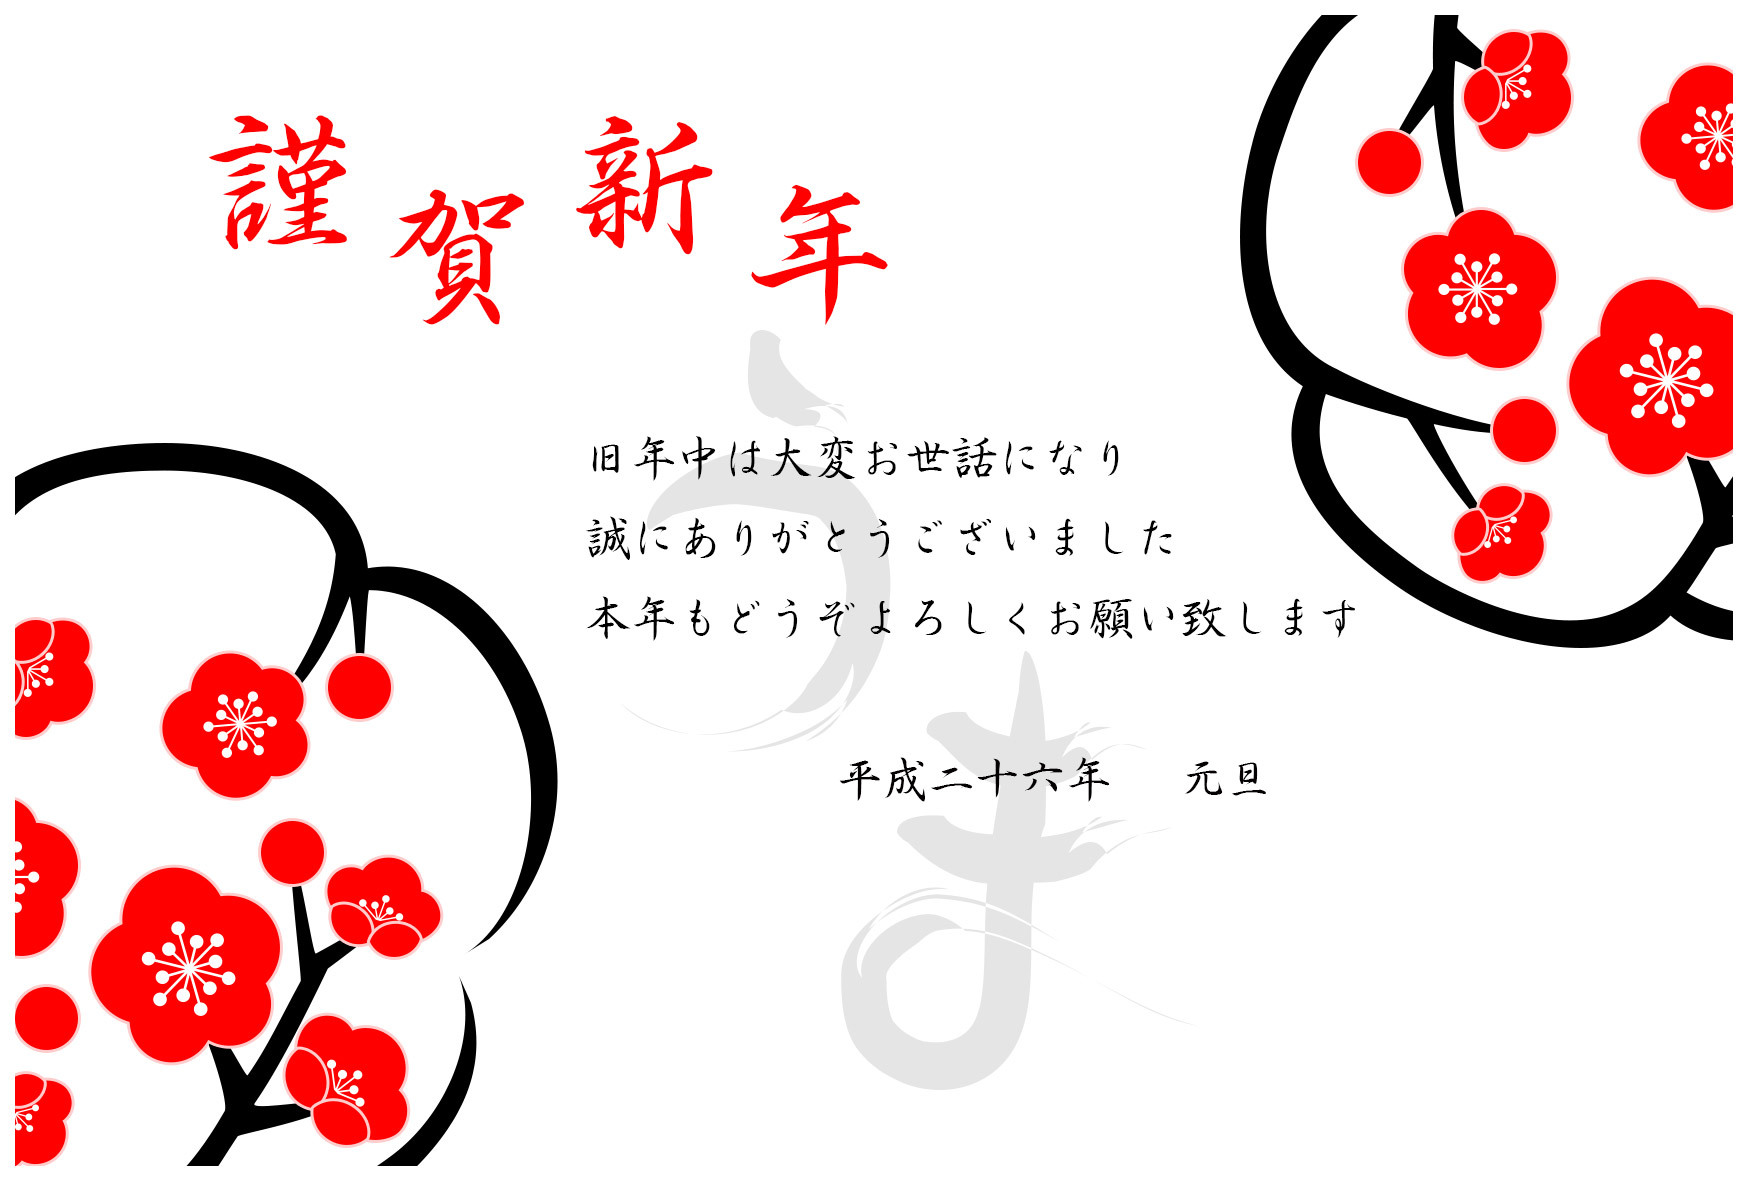 新年あけましておめでとうございます!!_e0247157_17294997.jpg